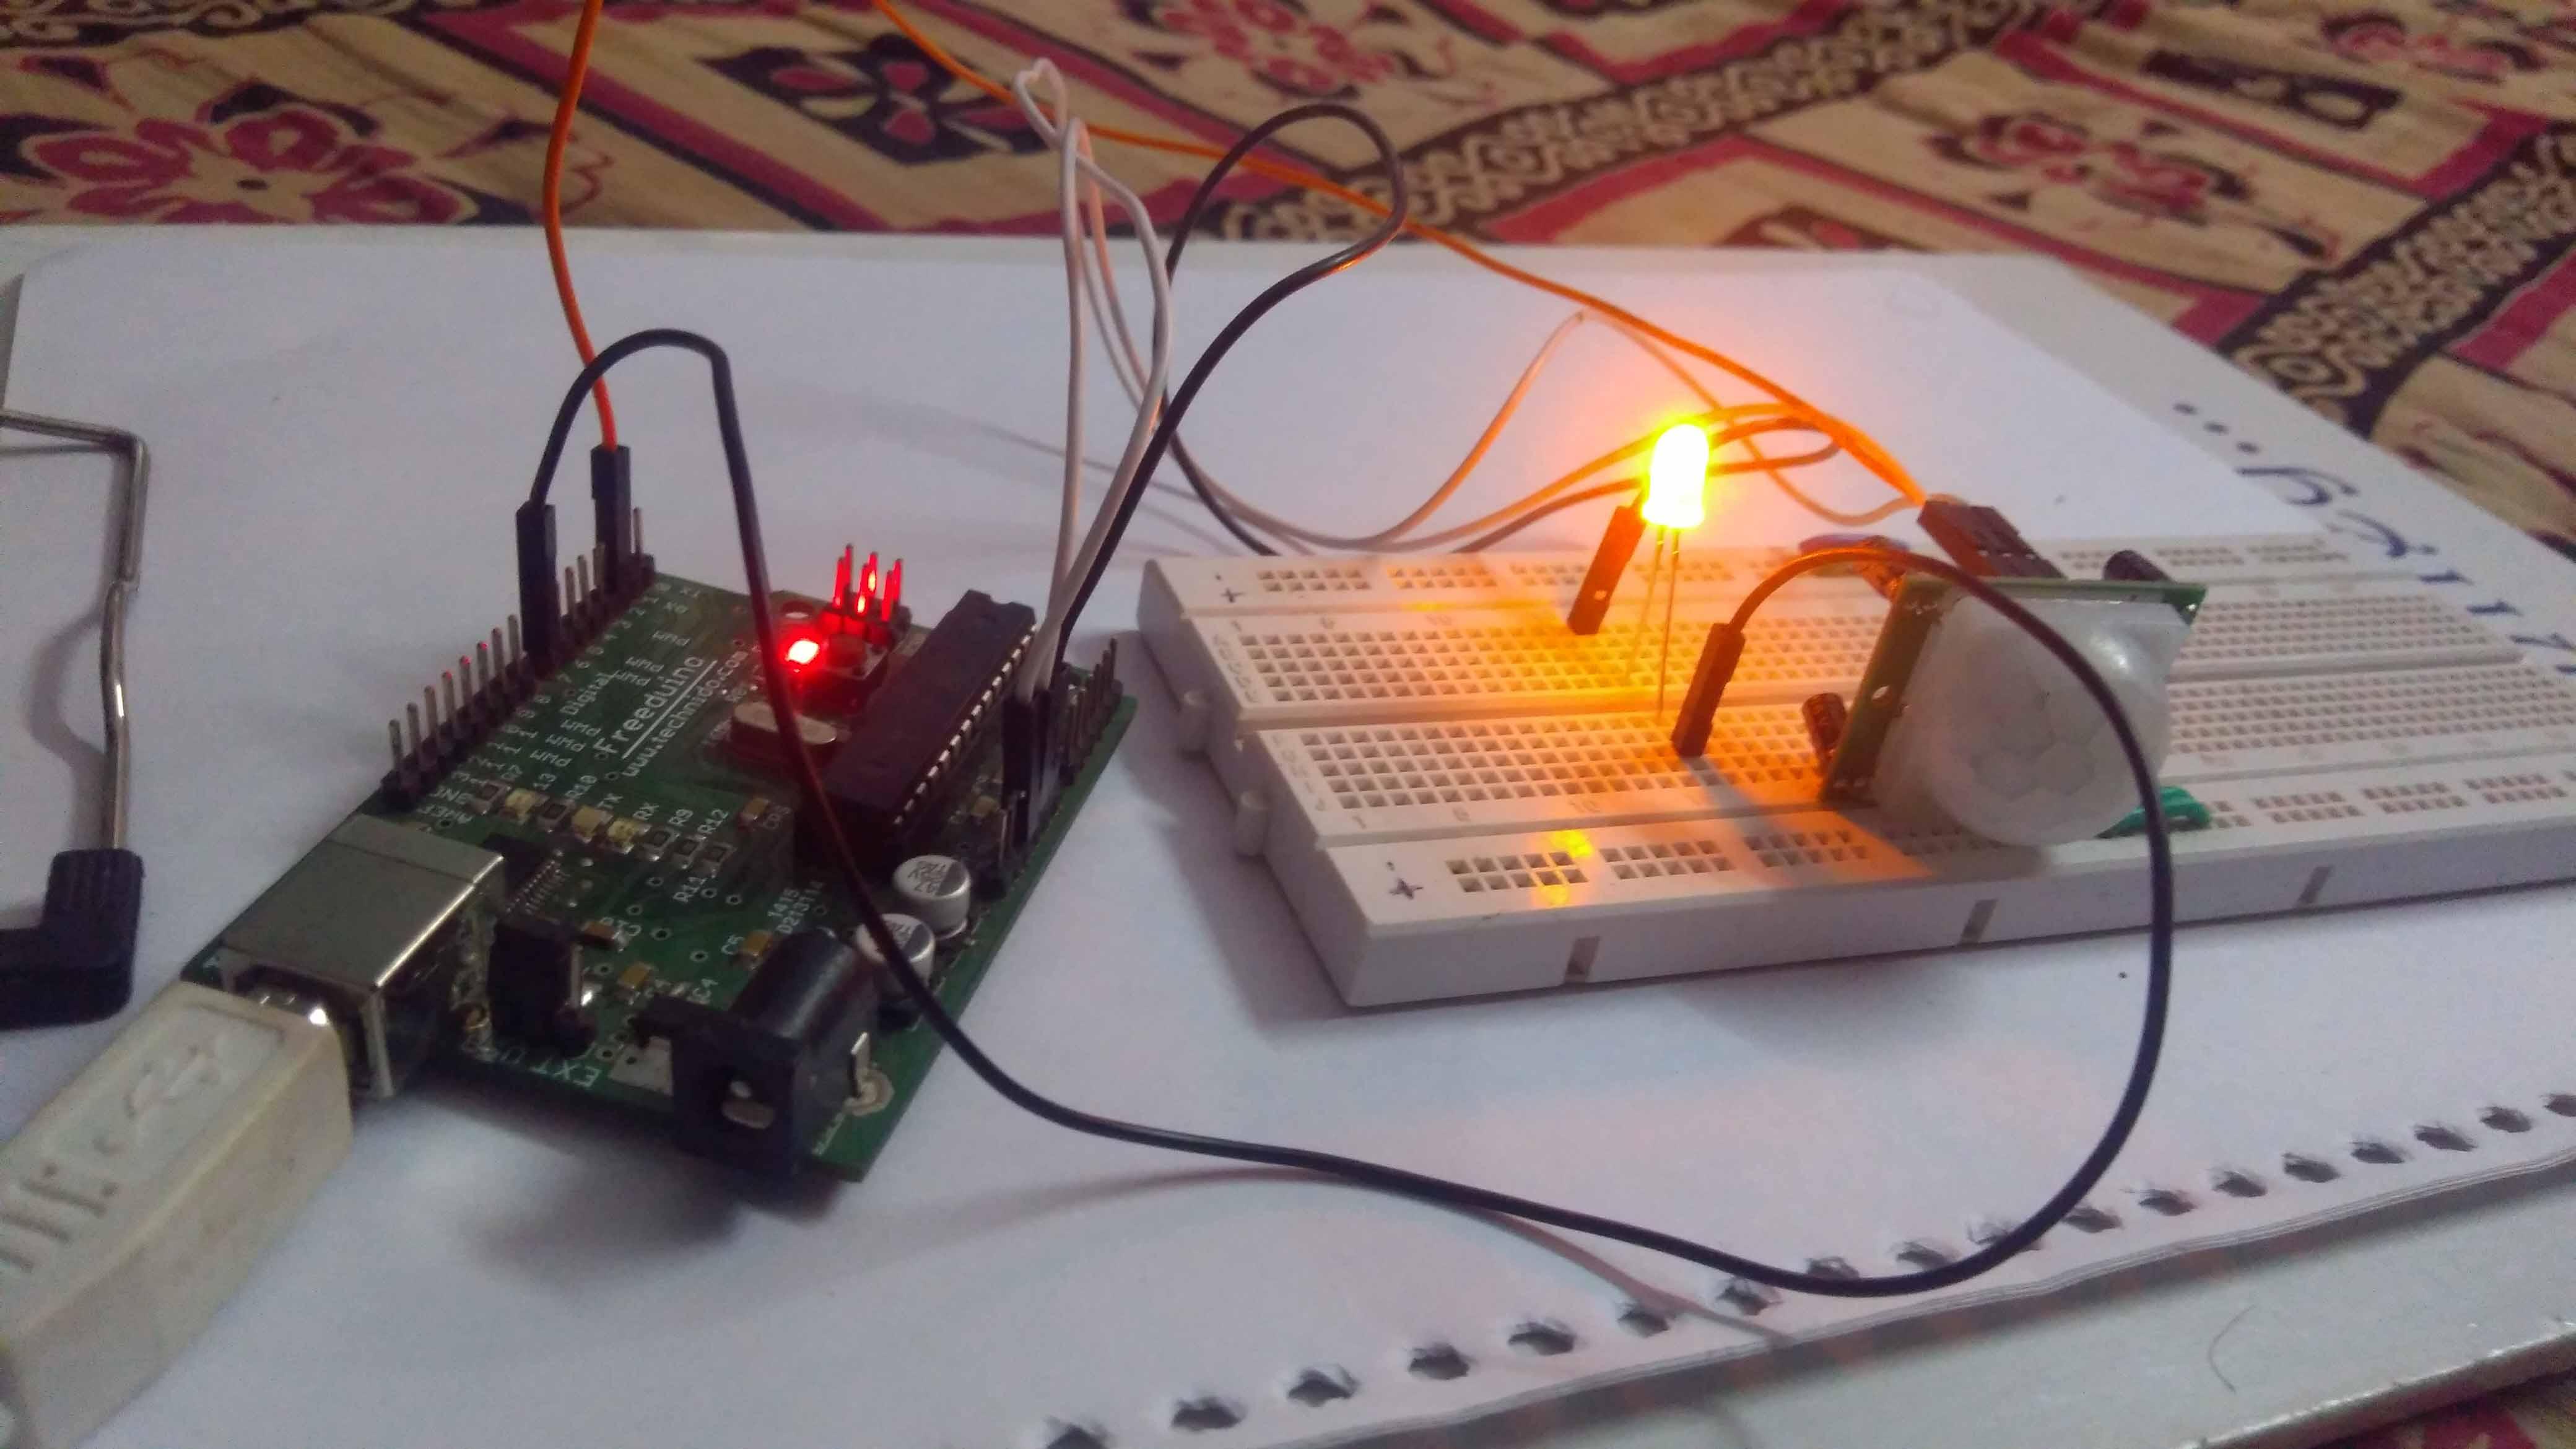 Interfacing PIR Motion Sensor with Arduino - Tutorial